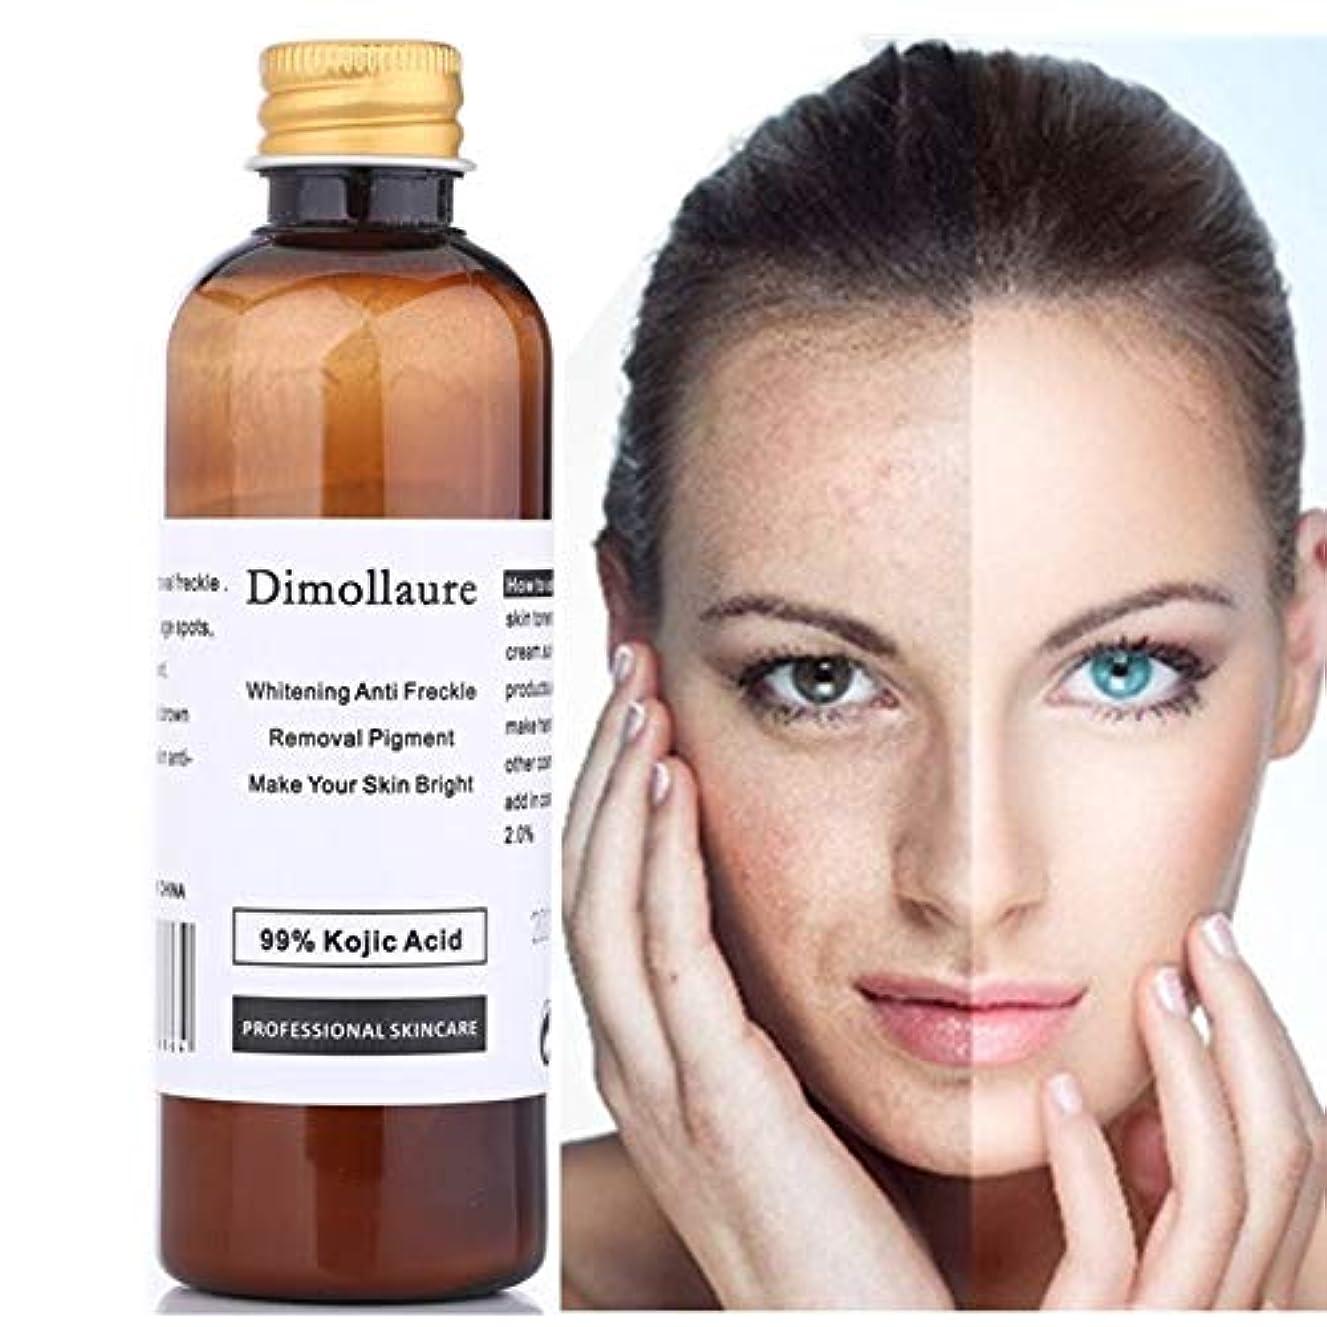 命令的健康的メガロポリスDimollaure 30グラムの純粋な99%コウジ寧クリームしわの除去そばかす肝斑にきび瘢痕顔料年齢スポットメラニンSUNN